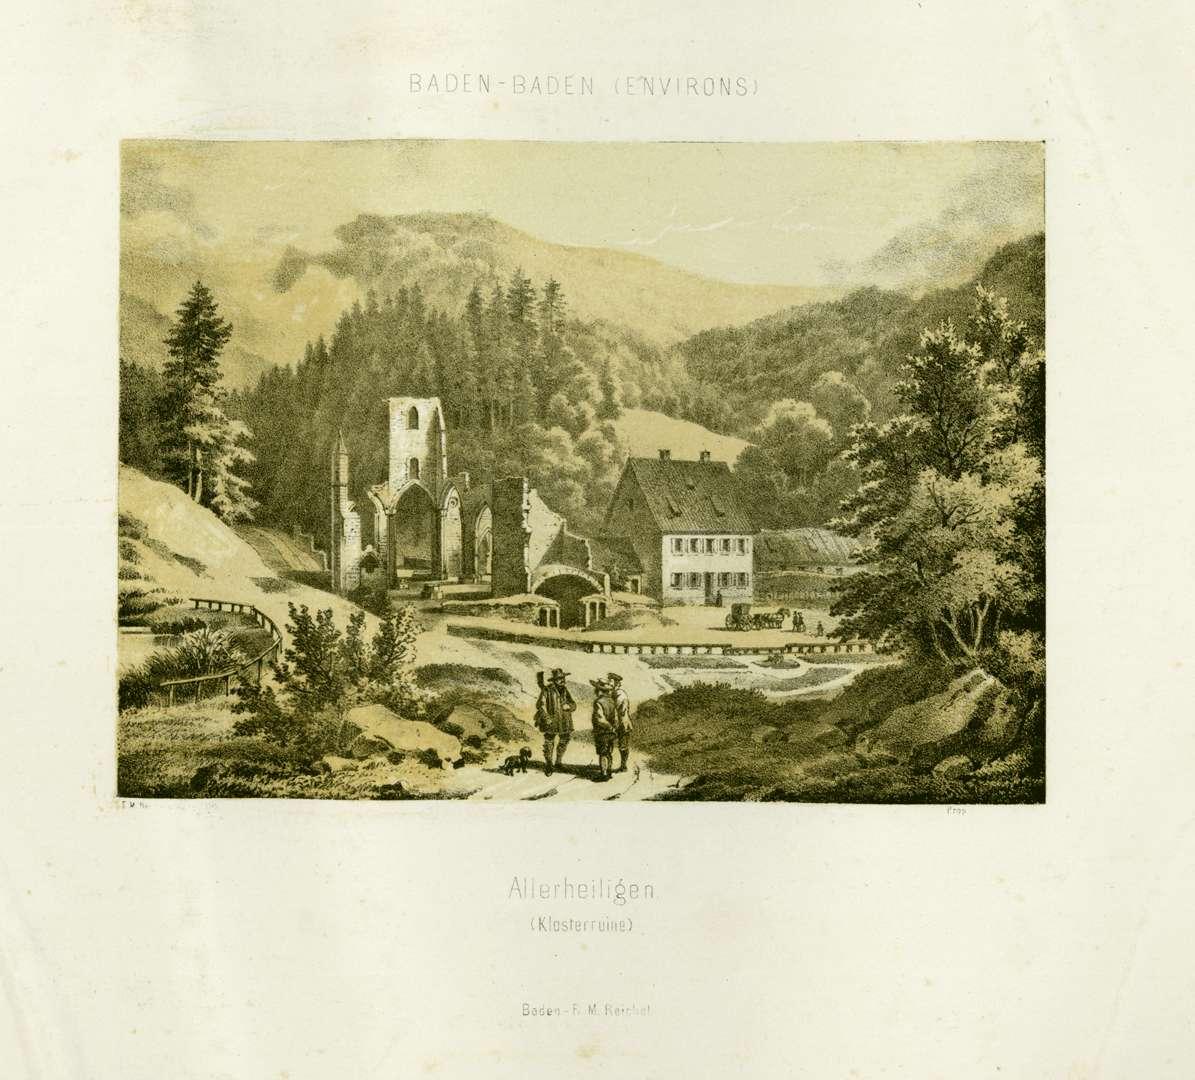 Allerheiligen, Klosterruine, Bild 1